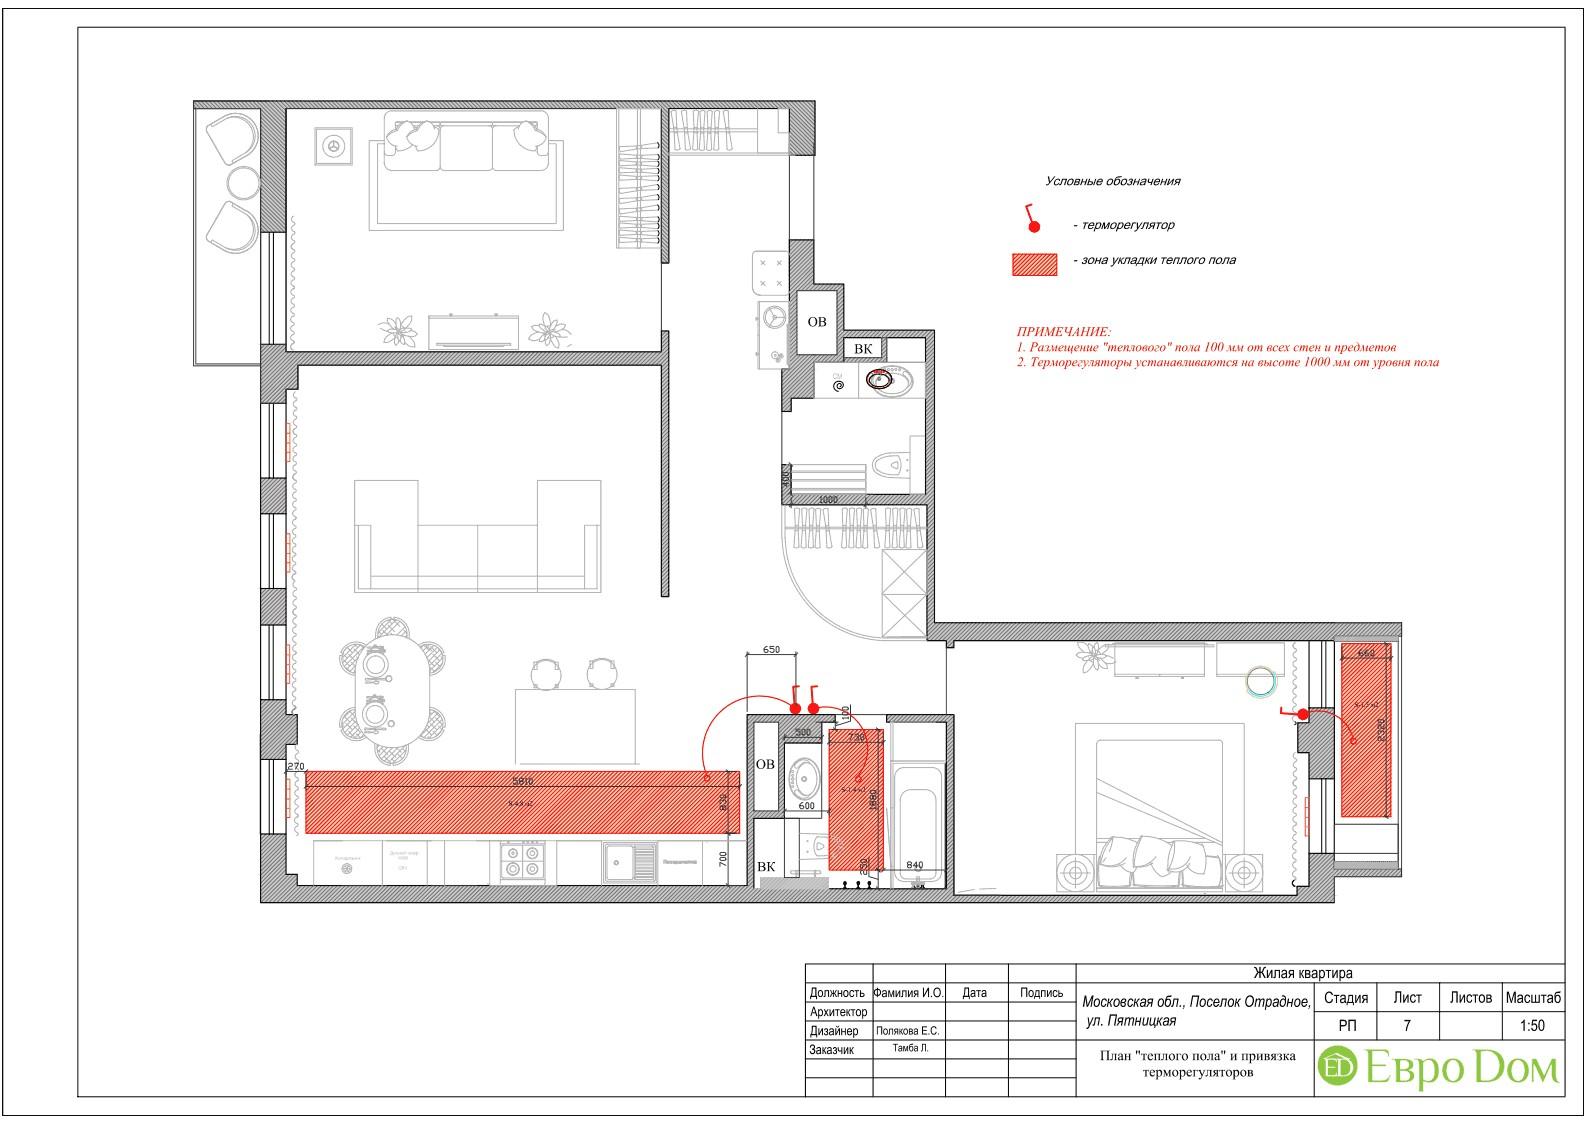 Расположение мебели в интерьере современной трехкомнатной квартиры